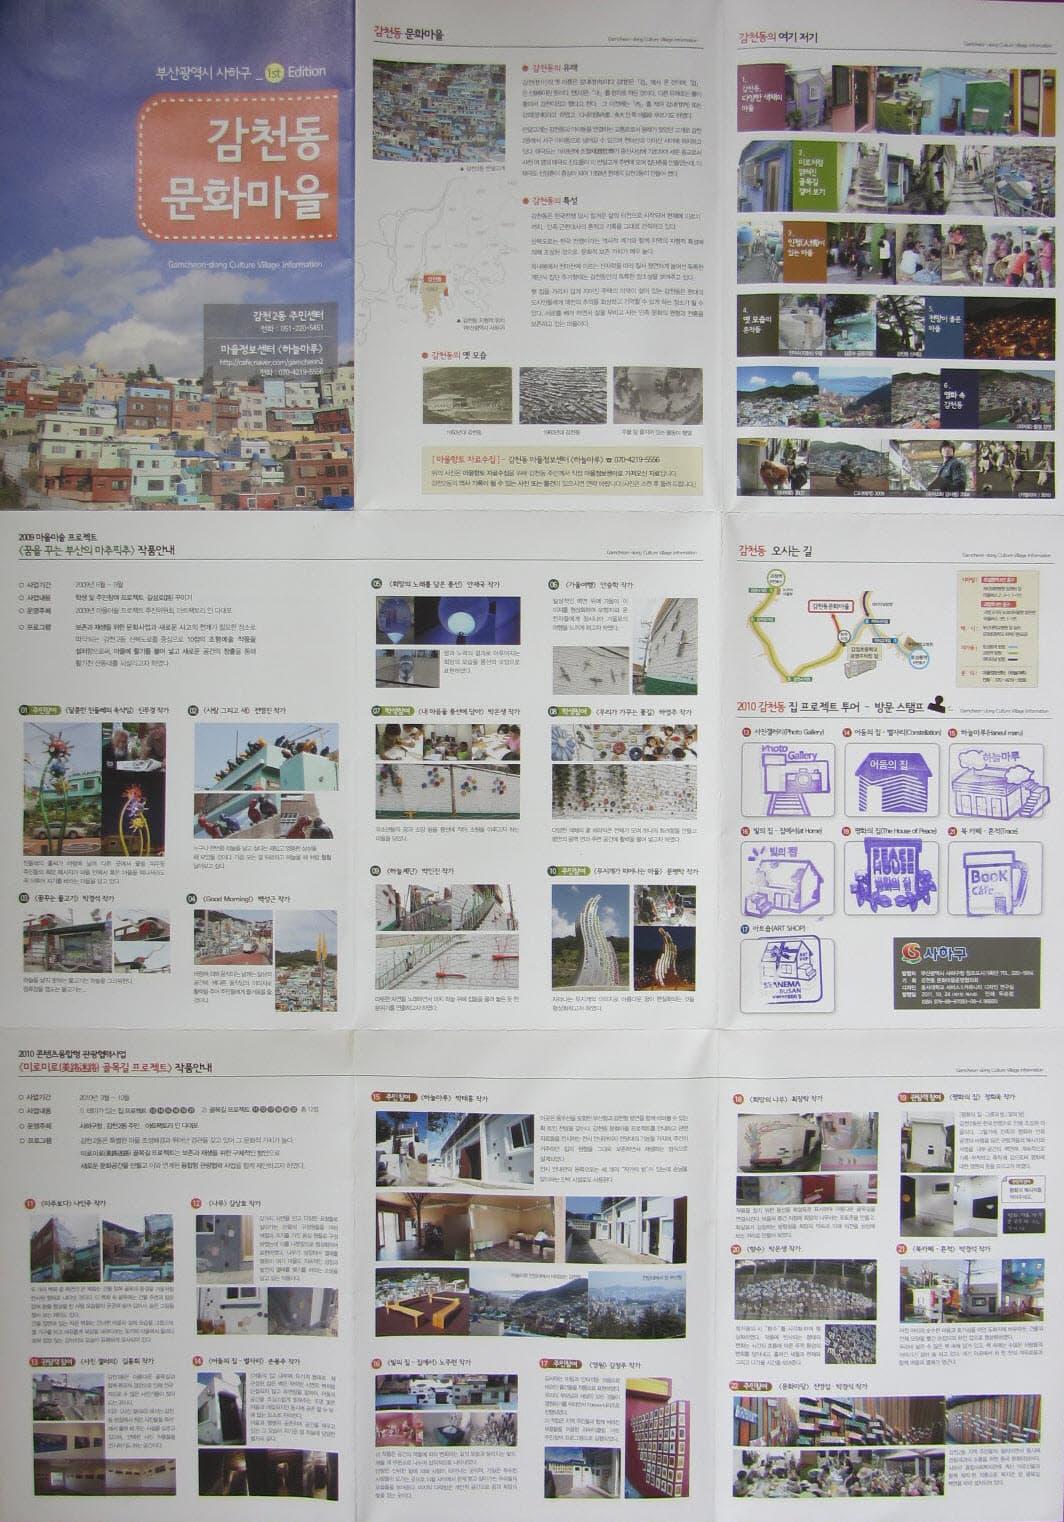 甘川洞文化村旅遊小冊子圖章收集